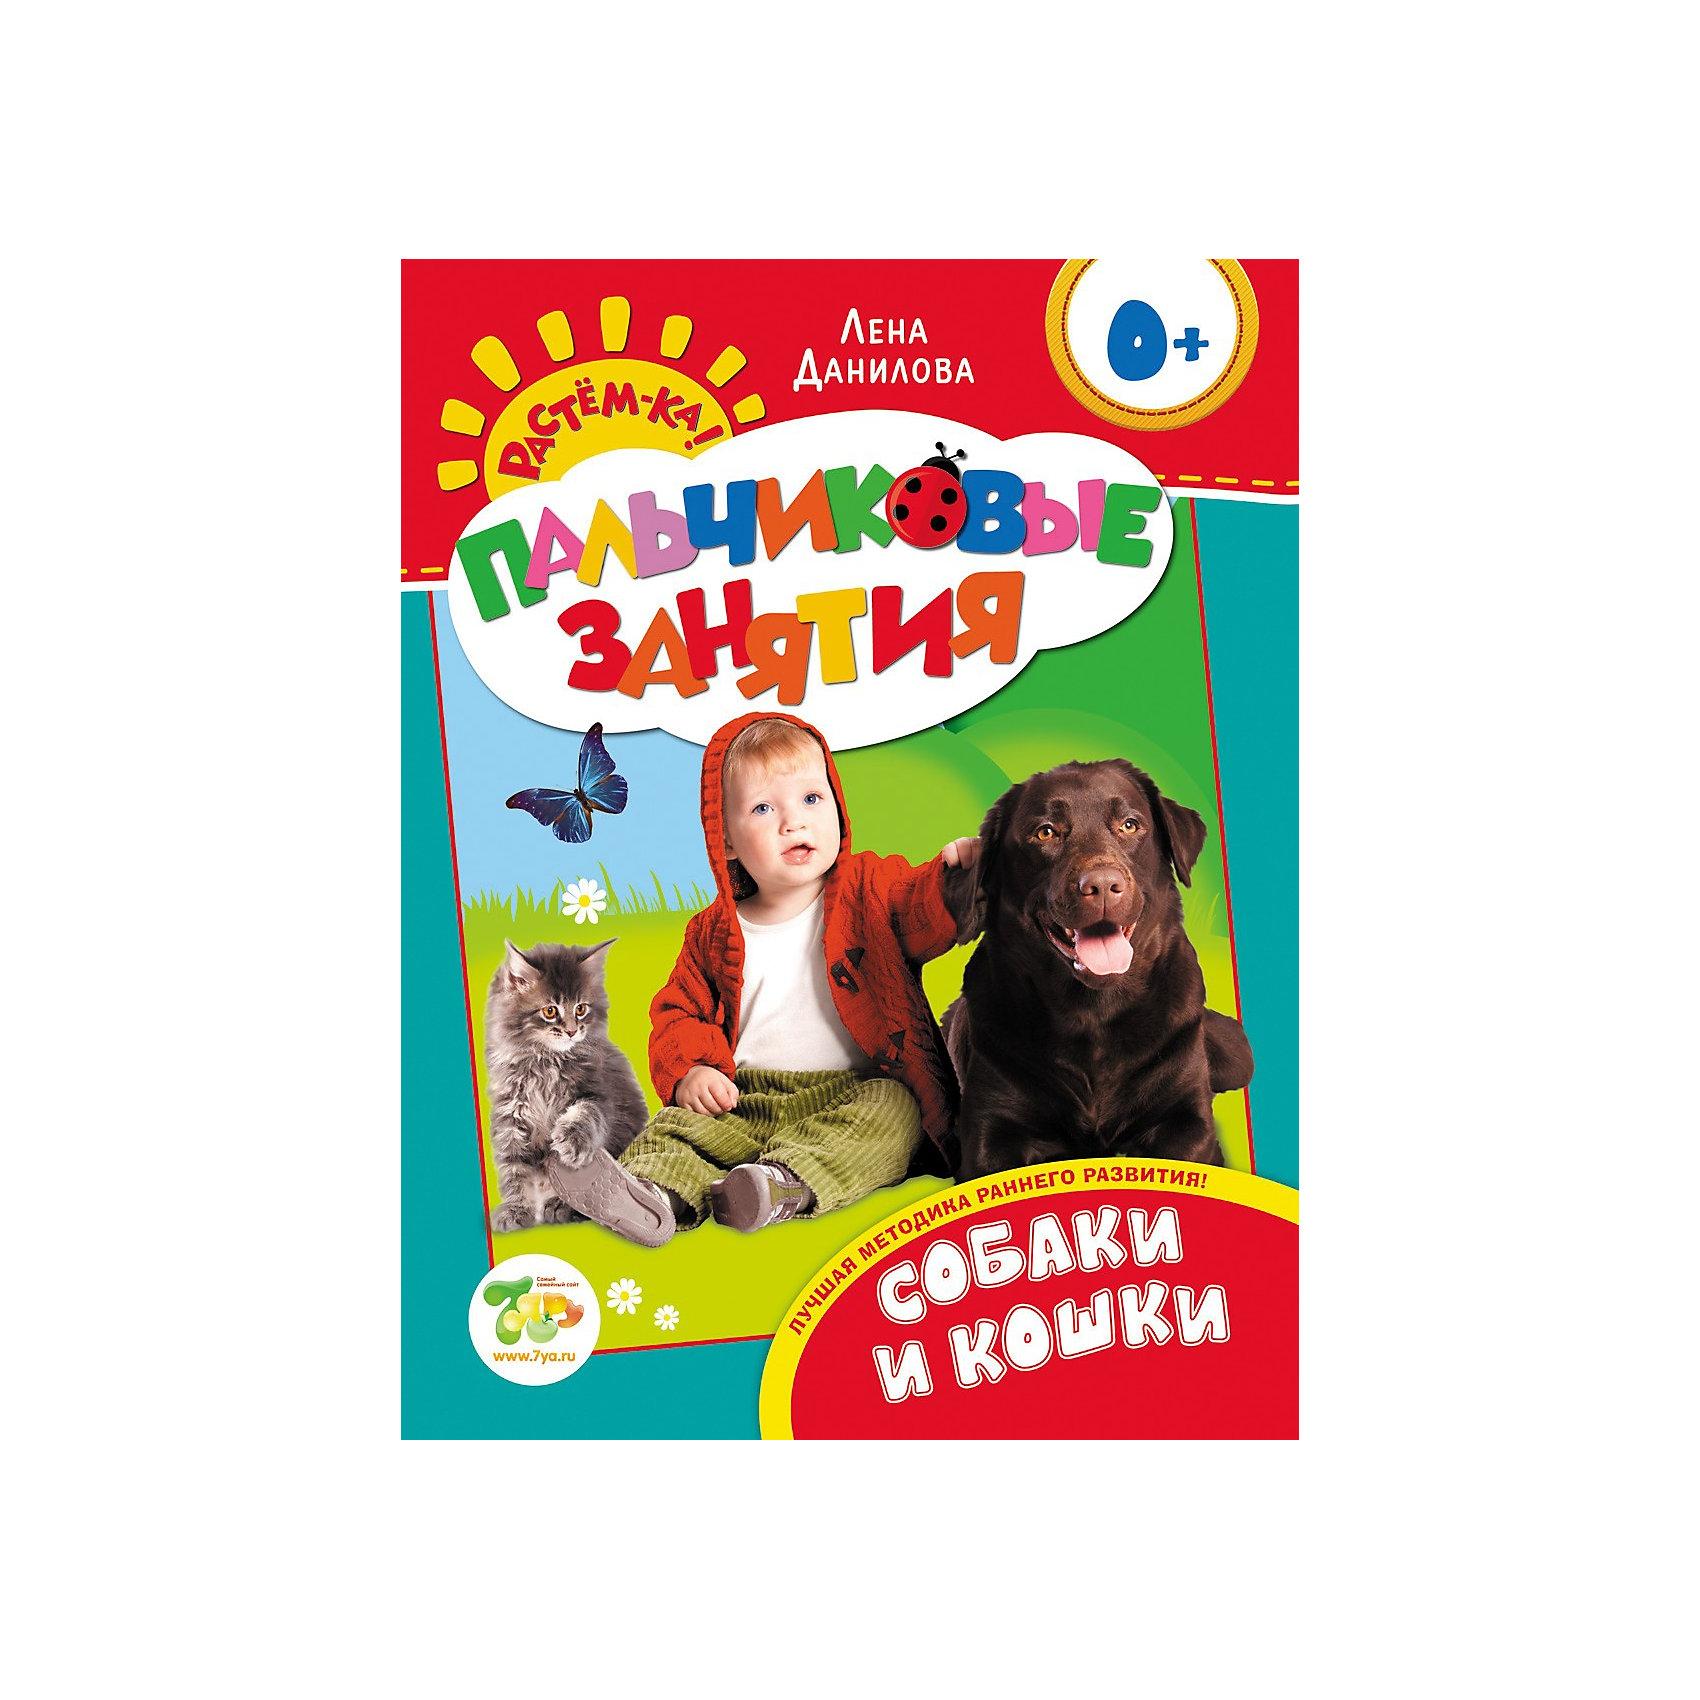 Пальчиковые занятия Растем-ка! Собаки и кошки (0+)Книга Пальчиковые занятия Собаки и кошки (0+), - красочное пособие с уникальной и эффективной методикой раннего развития. Занятия проводятся в легкой веселой форме, понятной и интересной малышу. Через игру с пальчиками, через простые подражательные движения ребенок быстро вовлекается в развивающую игру. Система построена таким образом, что с книгами можно работать в произвольном порядке, а занятия могут проводить даже совершенно неподготовленные родители. Игровой макет книг разработан с учетом психологических и физиологических особенностей детей. Регулярные занятия по данному пособию будут способствовать всестороннему гармоничному развитию малыша.<br><br>Дополнительная информация:<br><br>- Автор: Е. А. Данилова.<br>- Серия: Растем-ка!<br>- Переплет: мягкая обложка.<br>- Иллюстрации: цветные.<br>- Объем: 16 стр.<br>- Формат: 25,5 x 19,5 см.<br>- Вес: 90 гр.<br><br>Книгу Пальчиковые занятия Собаки и кошки (0+), серия Растем-ка! можно купить в нашем интернет-магазине.<br><br>Ширина мм: 255<br>Глубина мм: 195<br>Высота мм: 2<br>Вес г: 90<br>Возраст от месяцев: 12<br>Возраст до месяцев: 36<br>Пол: Унисекс<br>Возраст: Детский<br>SKU: 3915796